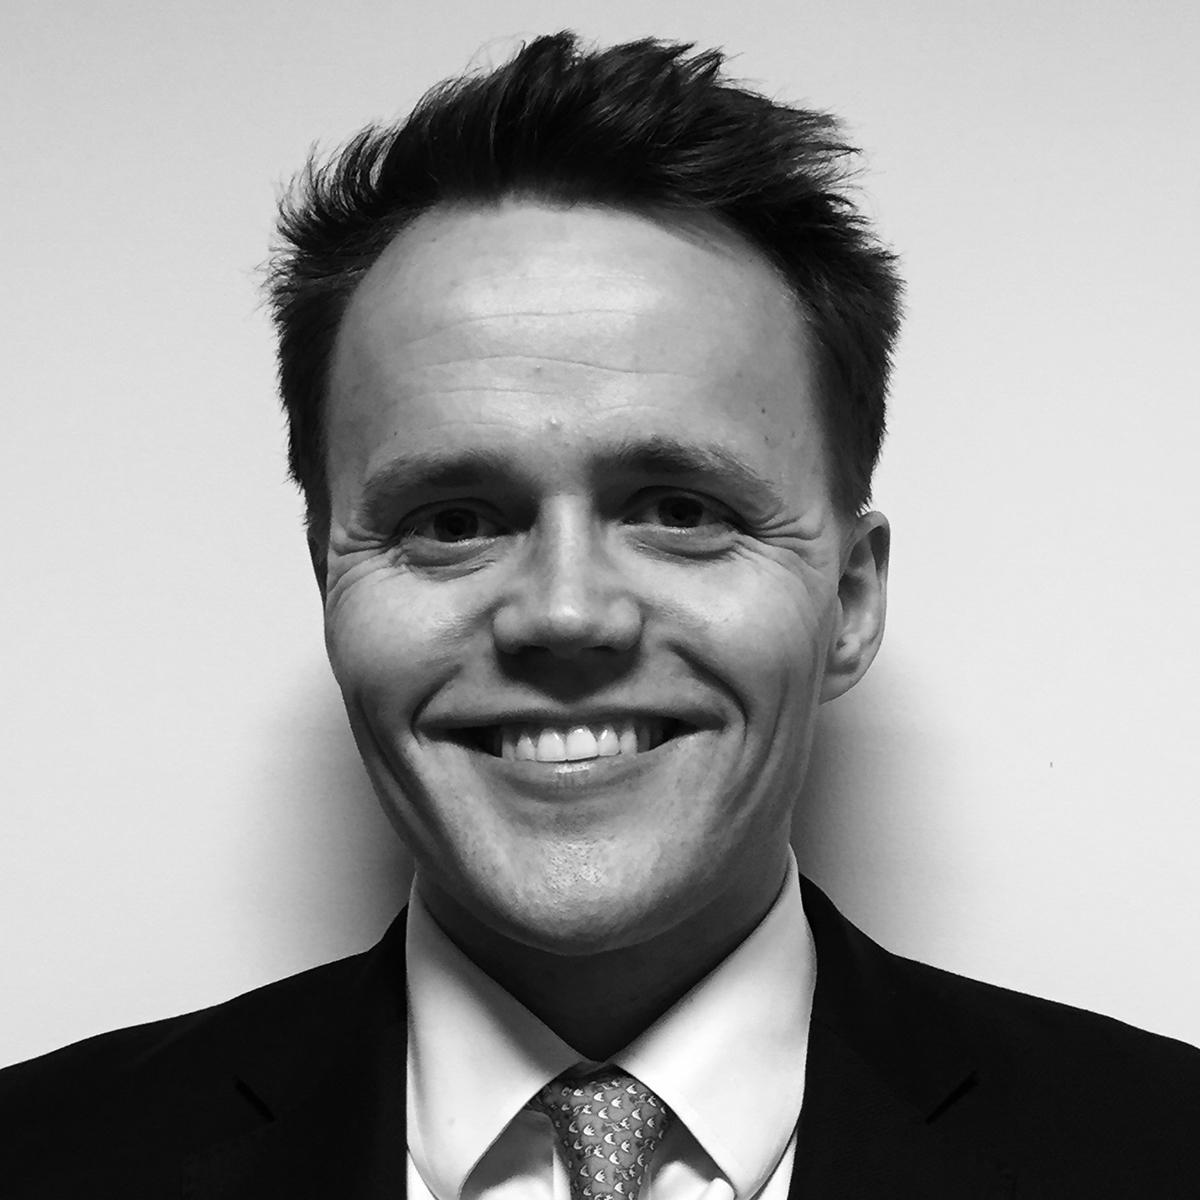 Sebastian Hurst